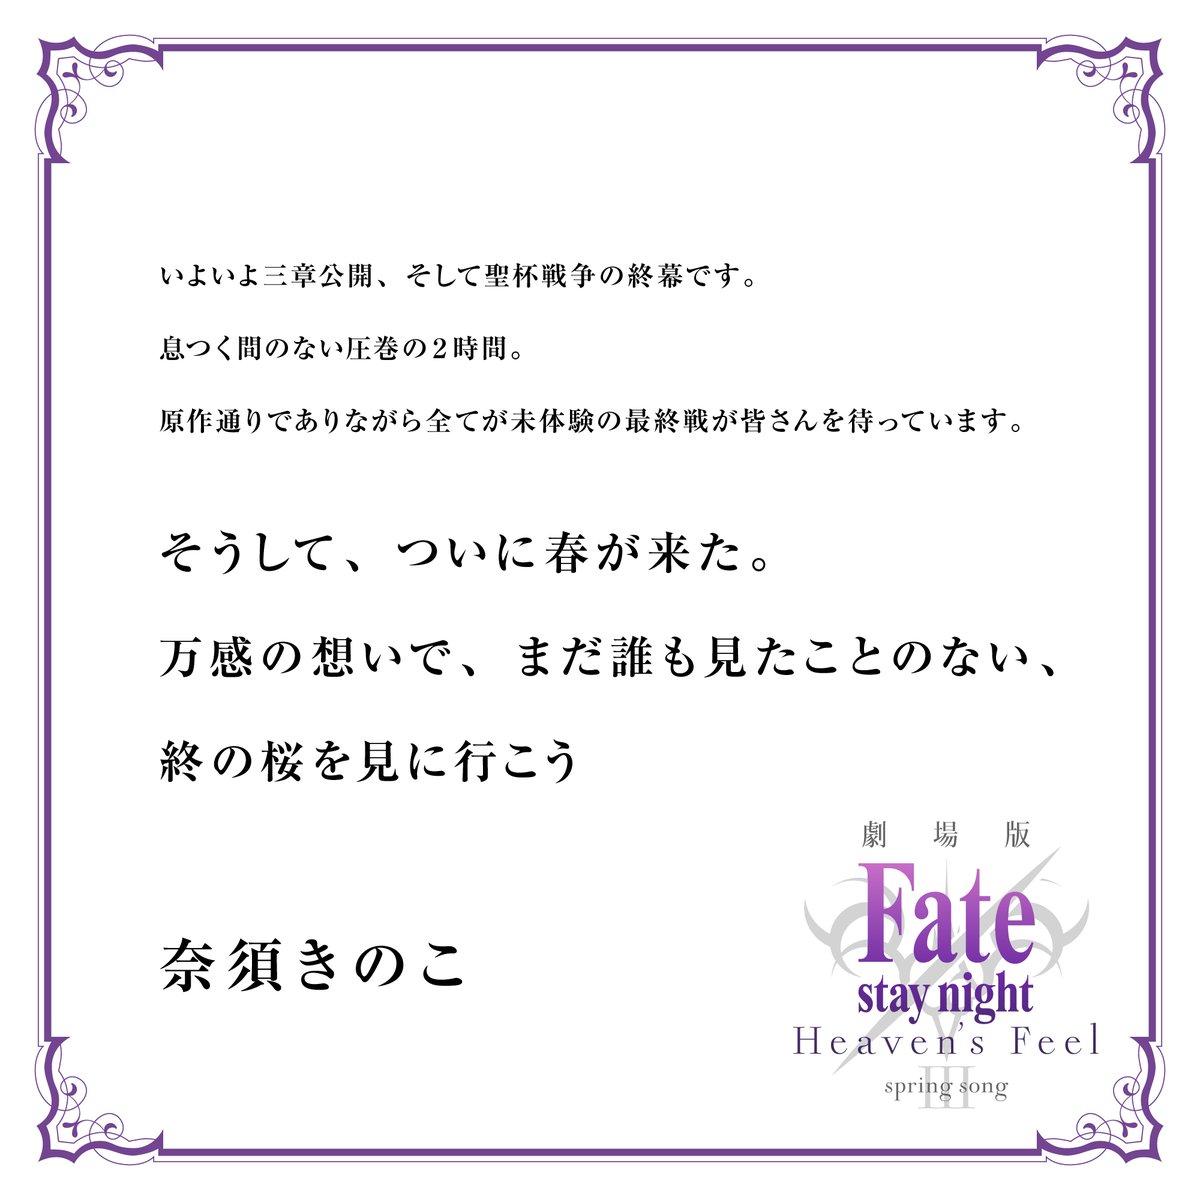 最終章公開に向けて実施してきた「Fate」関連のクリエイターの皆様によるカウントダウン